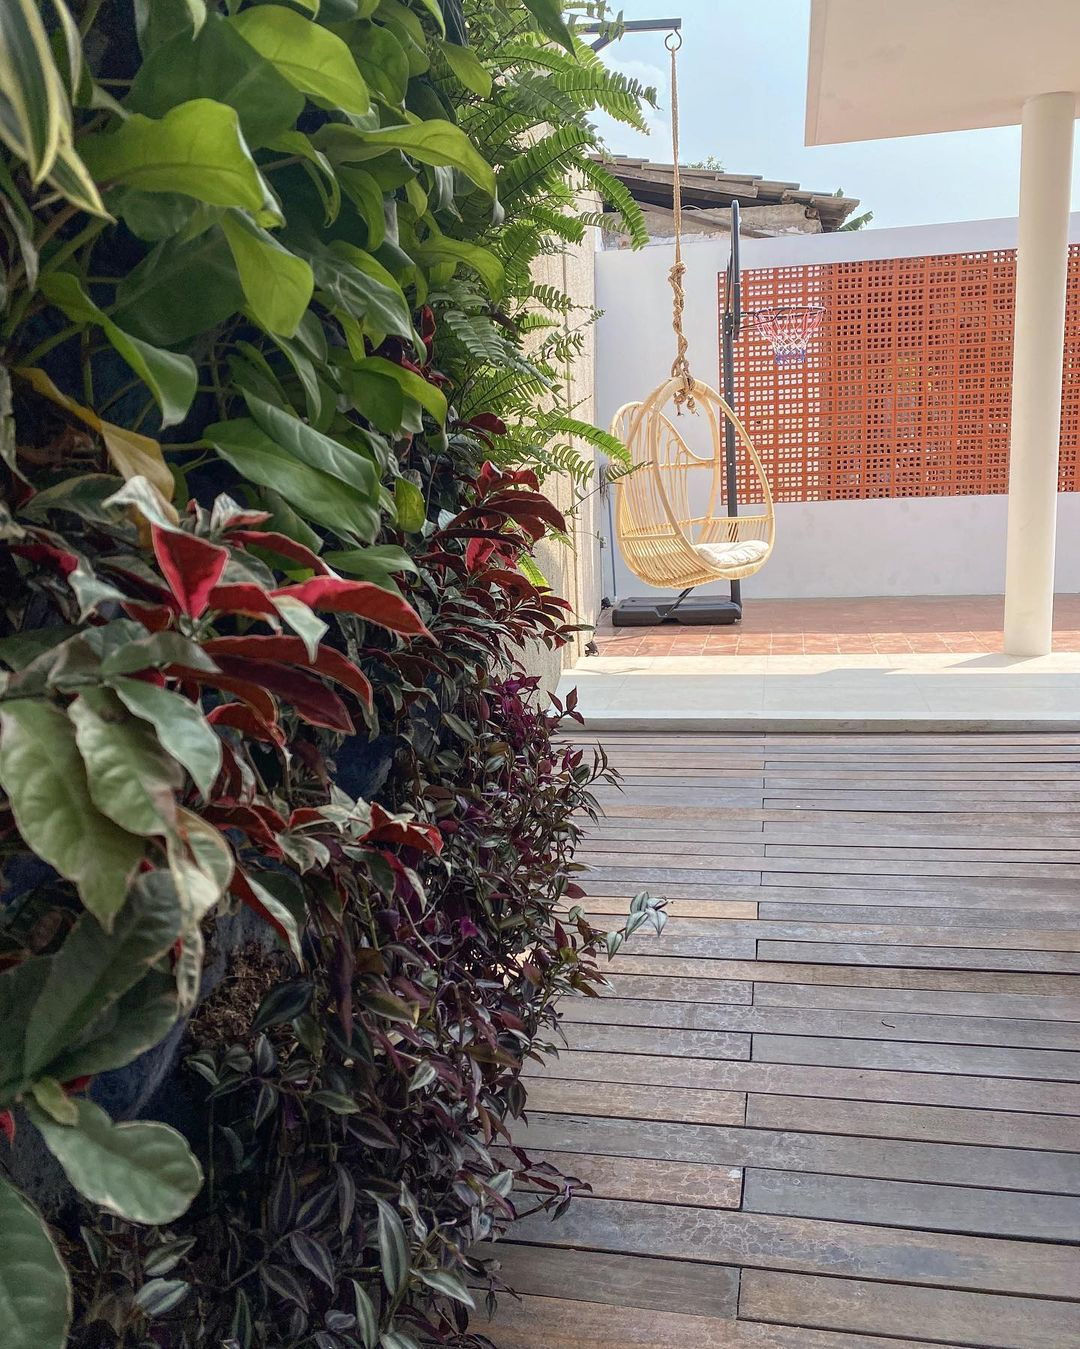 Taman Minimalis Samping Rumah_15